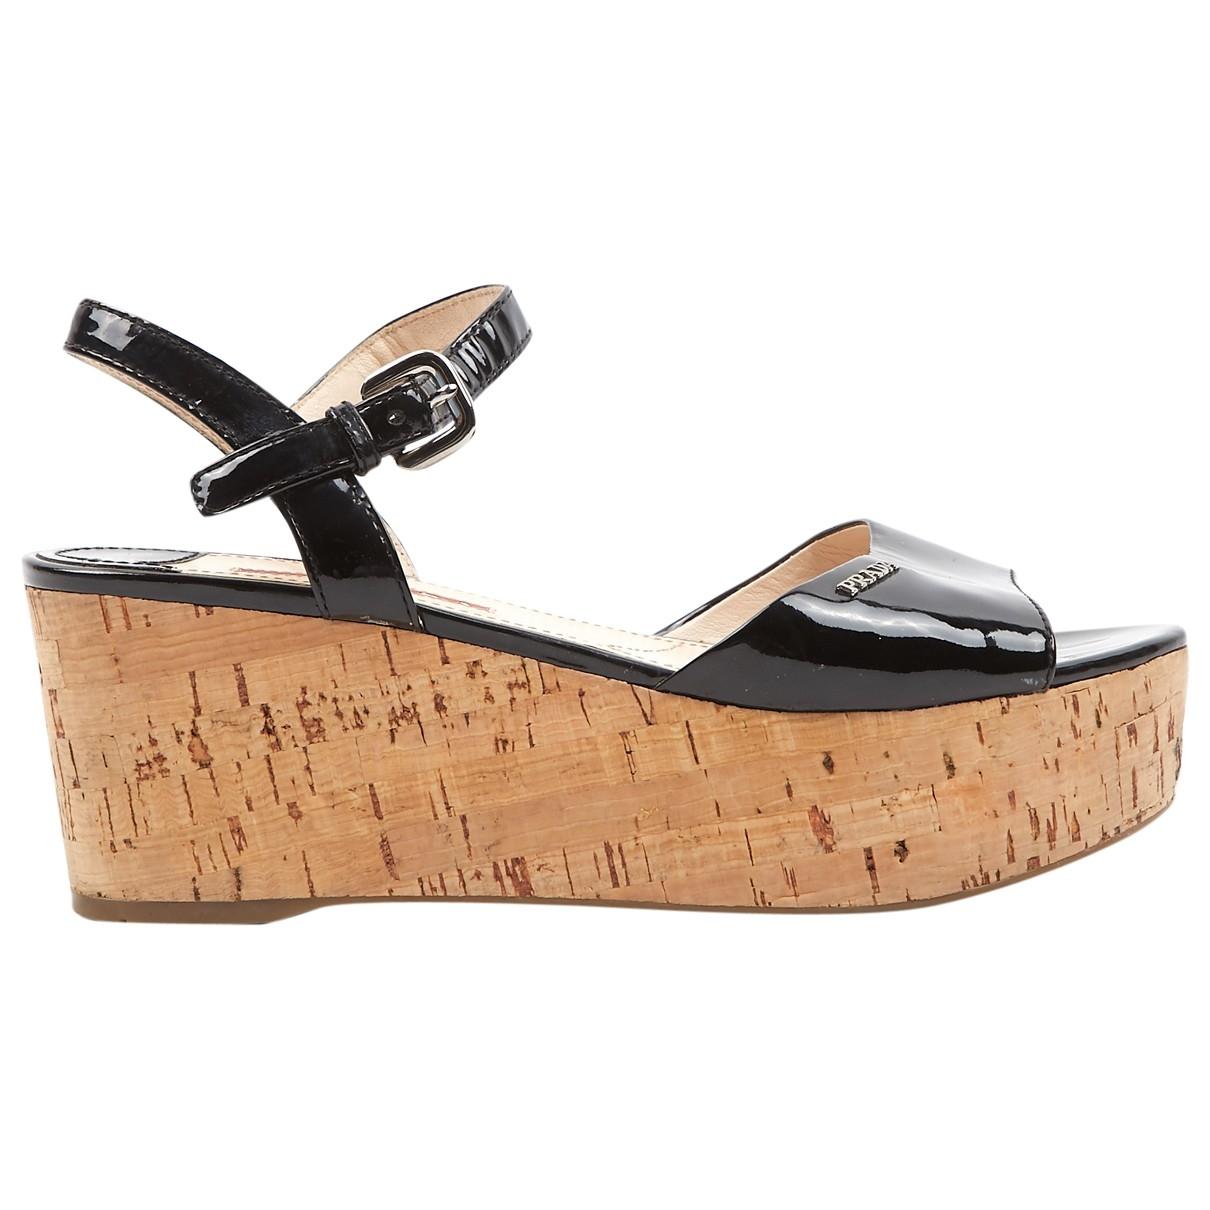 Sandalias romanas de Charol Prada